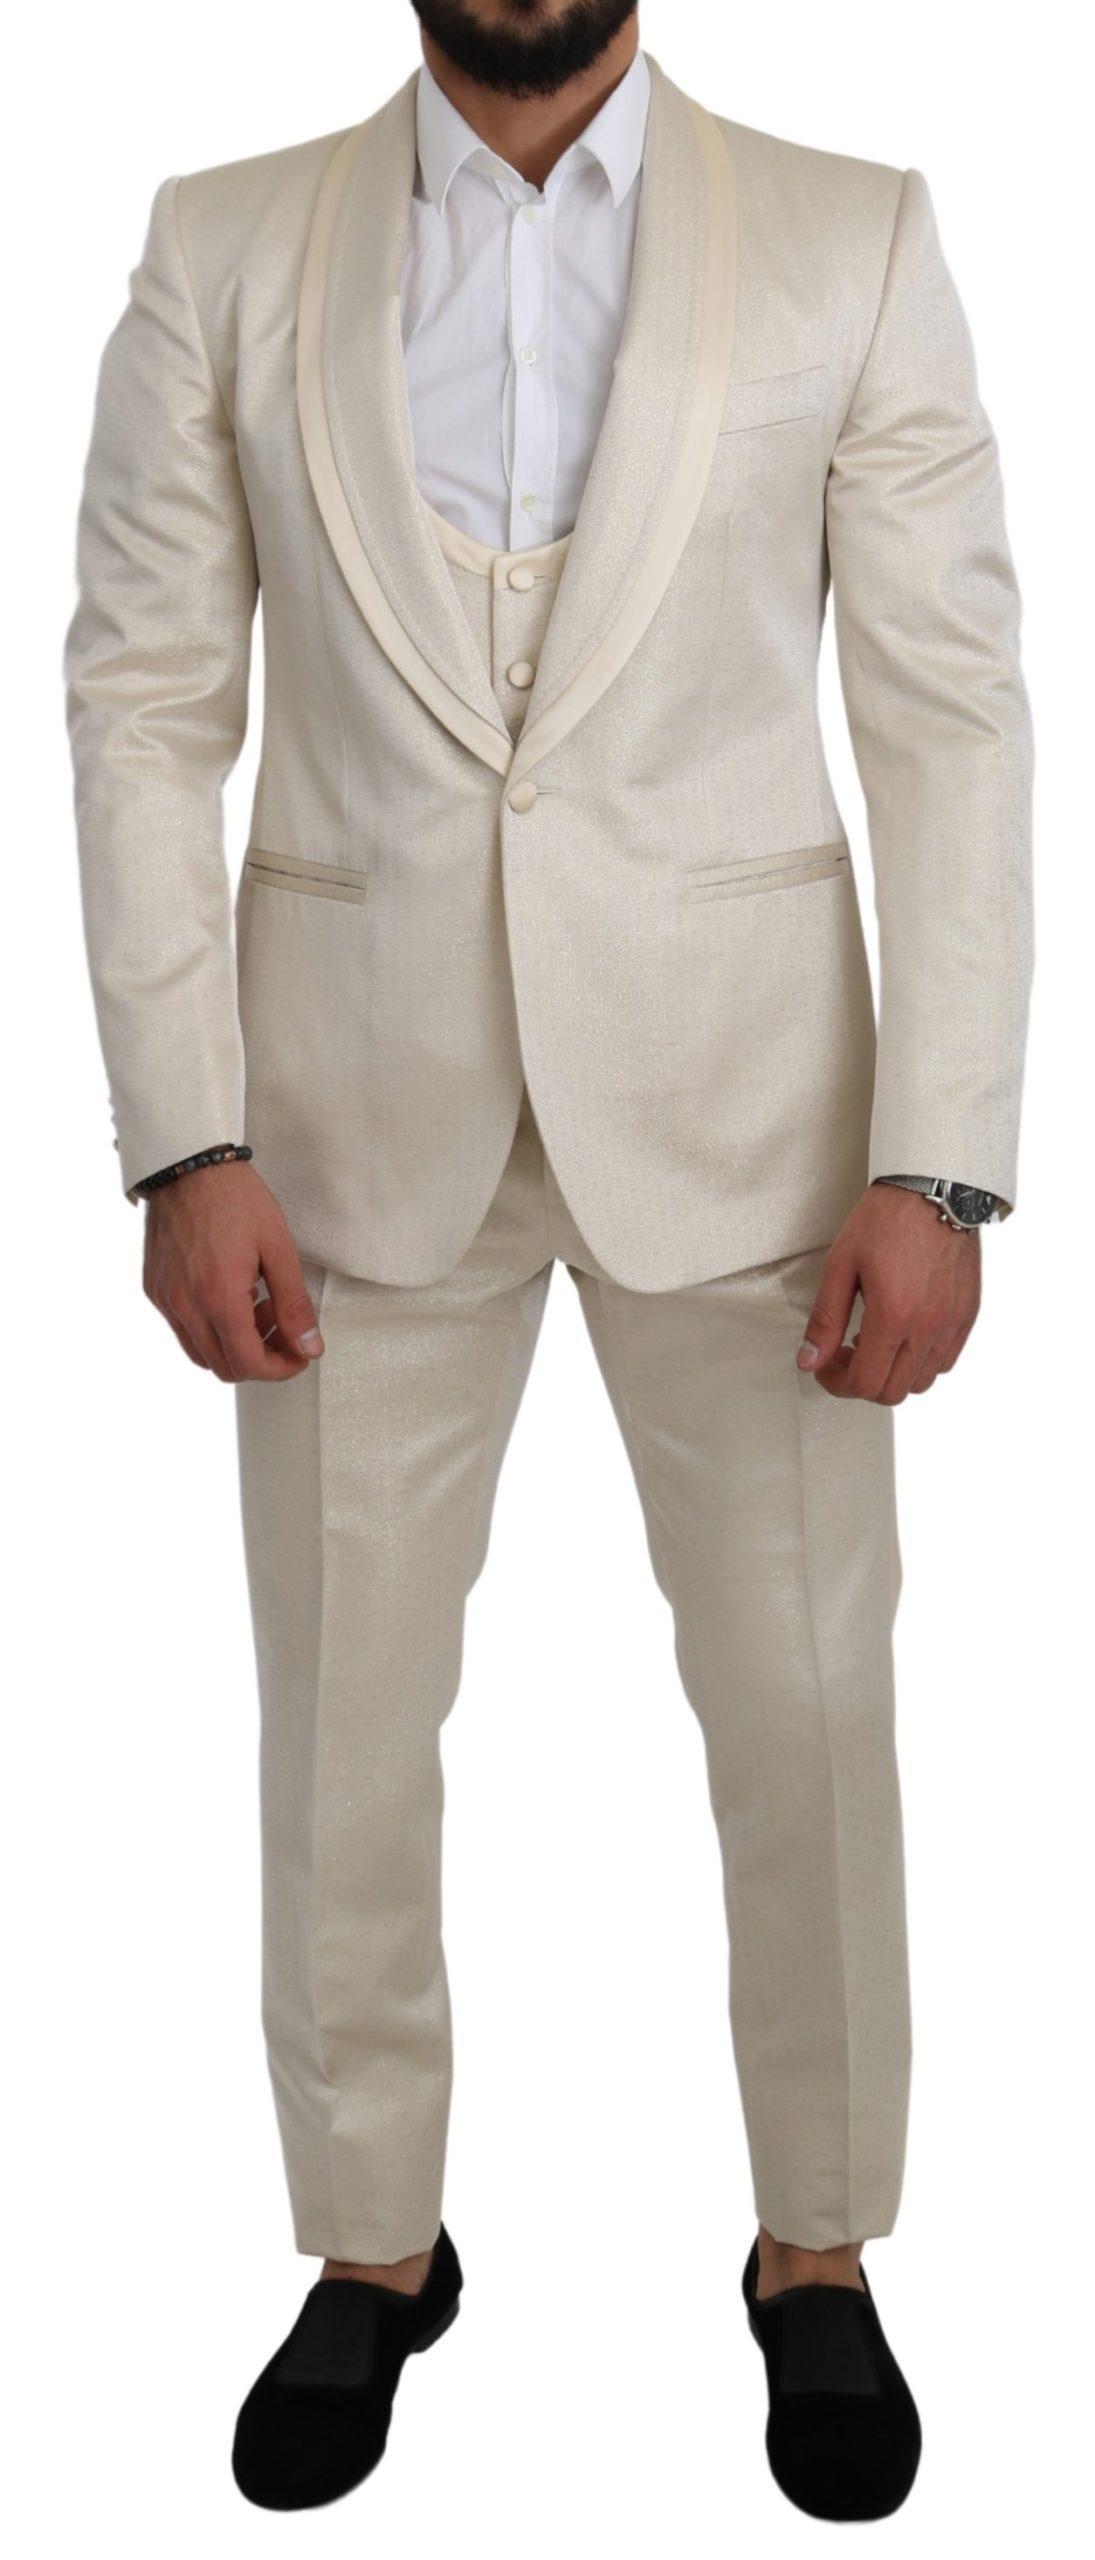 Dolce & Gabbana Men's Crème 3 Piece SICILIA Shawl Wool Suit White KOS1801 - IT50 | L